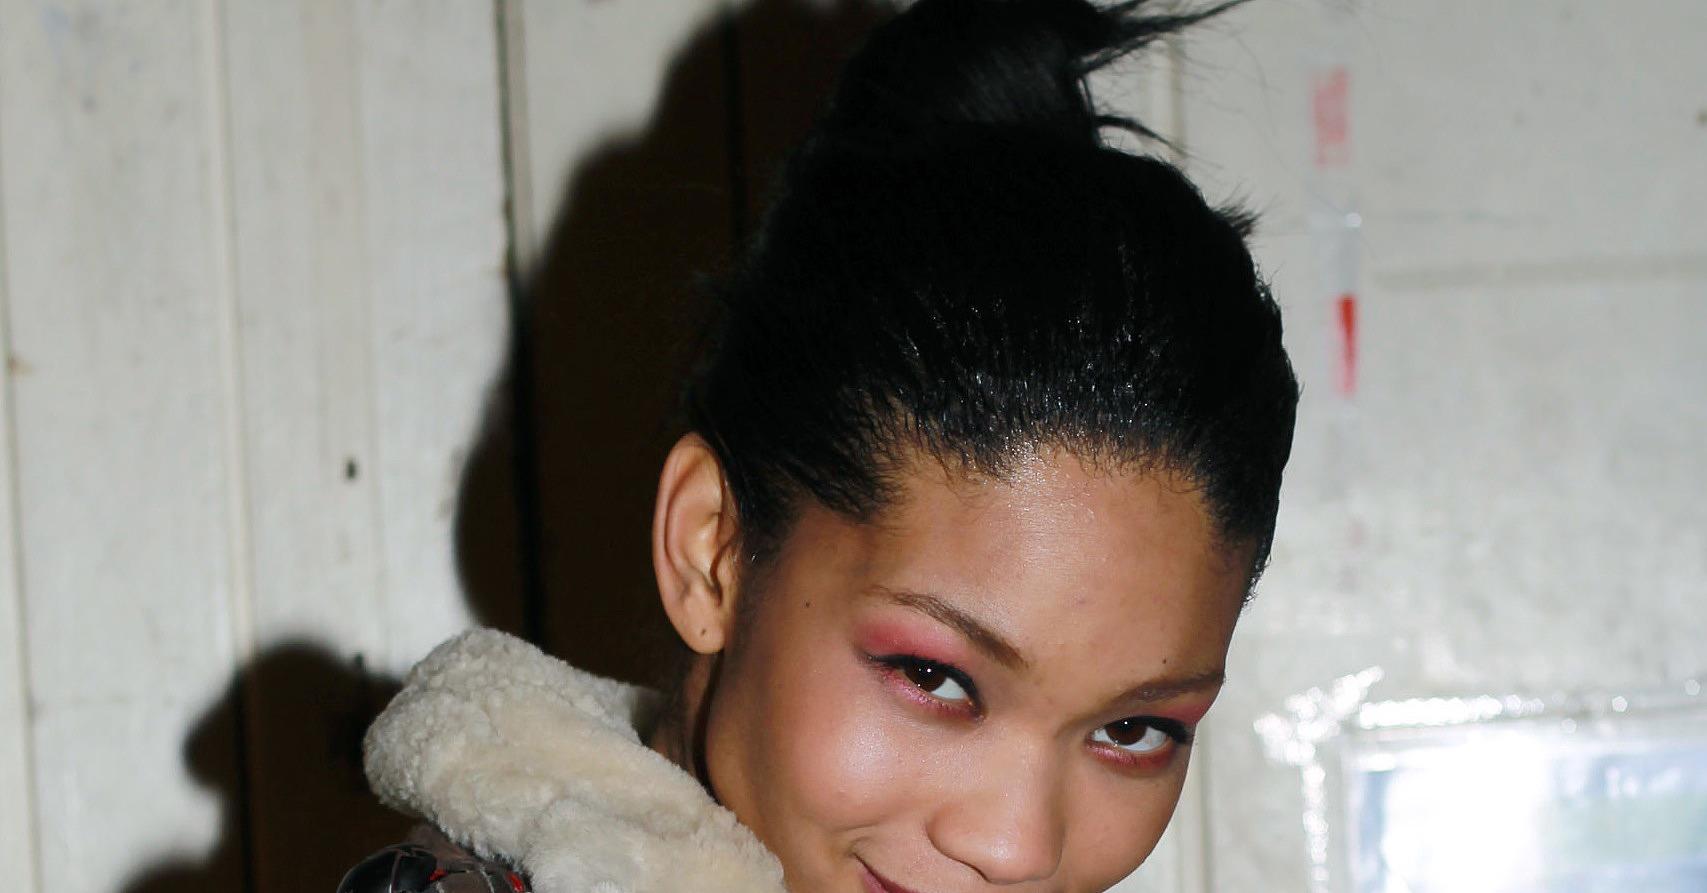 Chanel iman sister